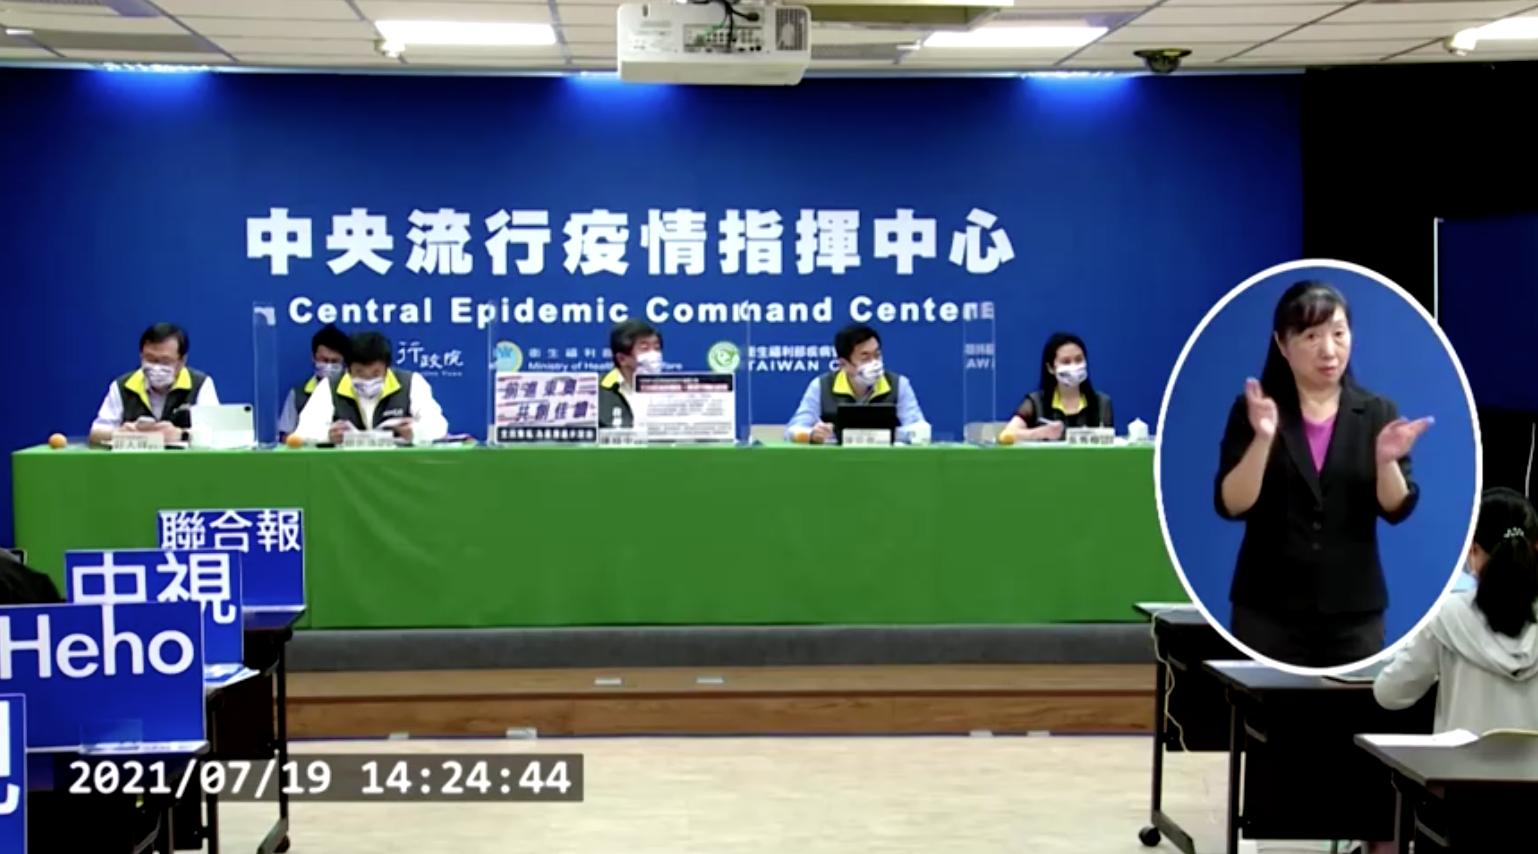 Đài Loan ca ngợi Cộng Hòa Czech là một đối tác dân chủ sau khi được tặng 30,000 liều vaccine